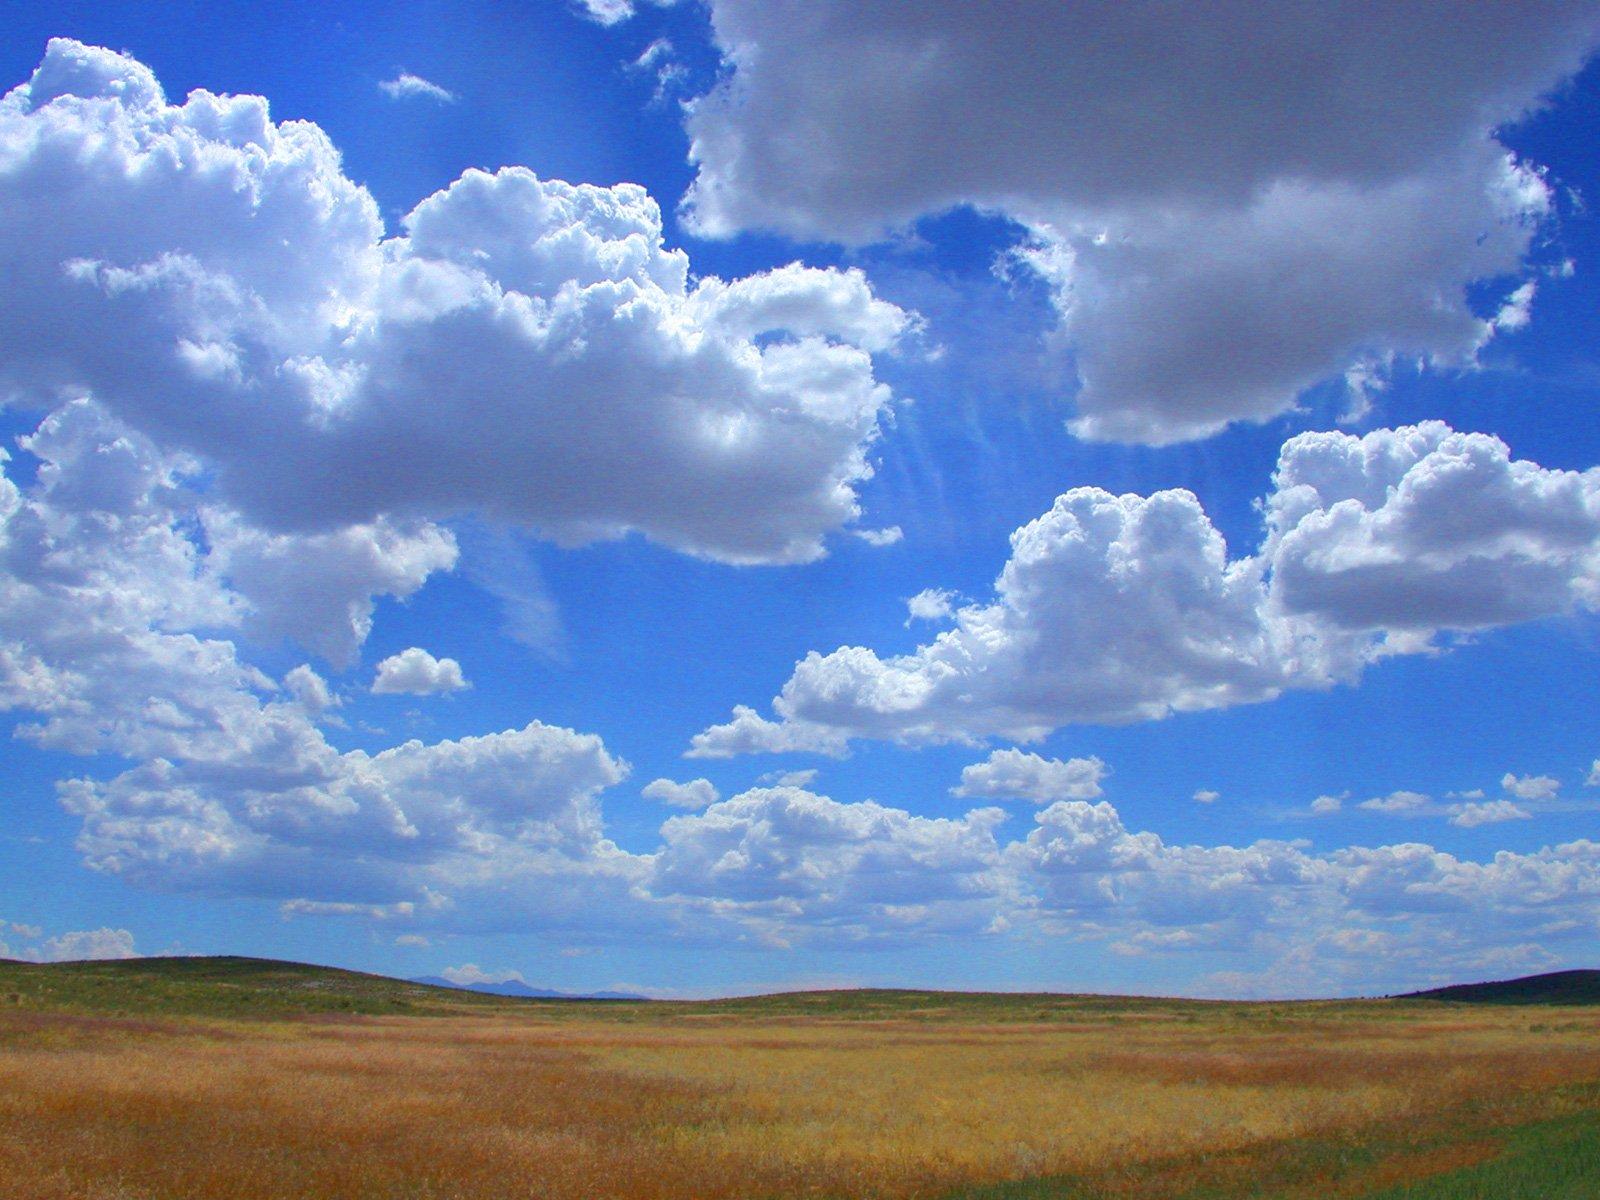 Fotos de un dia nublado